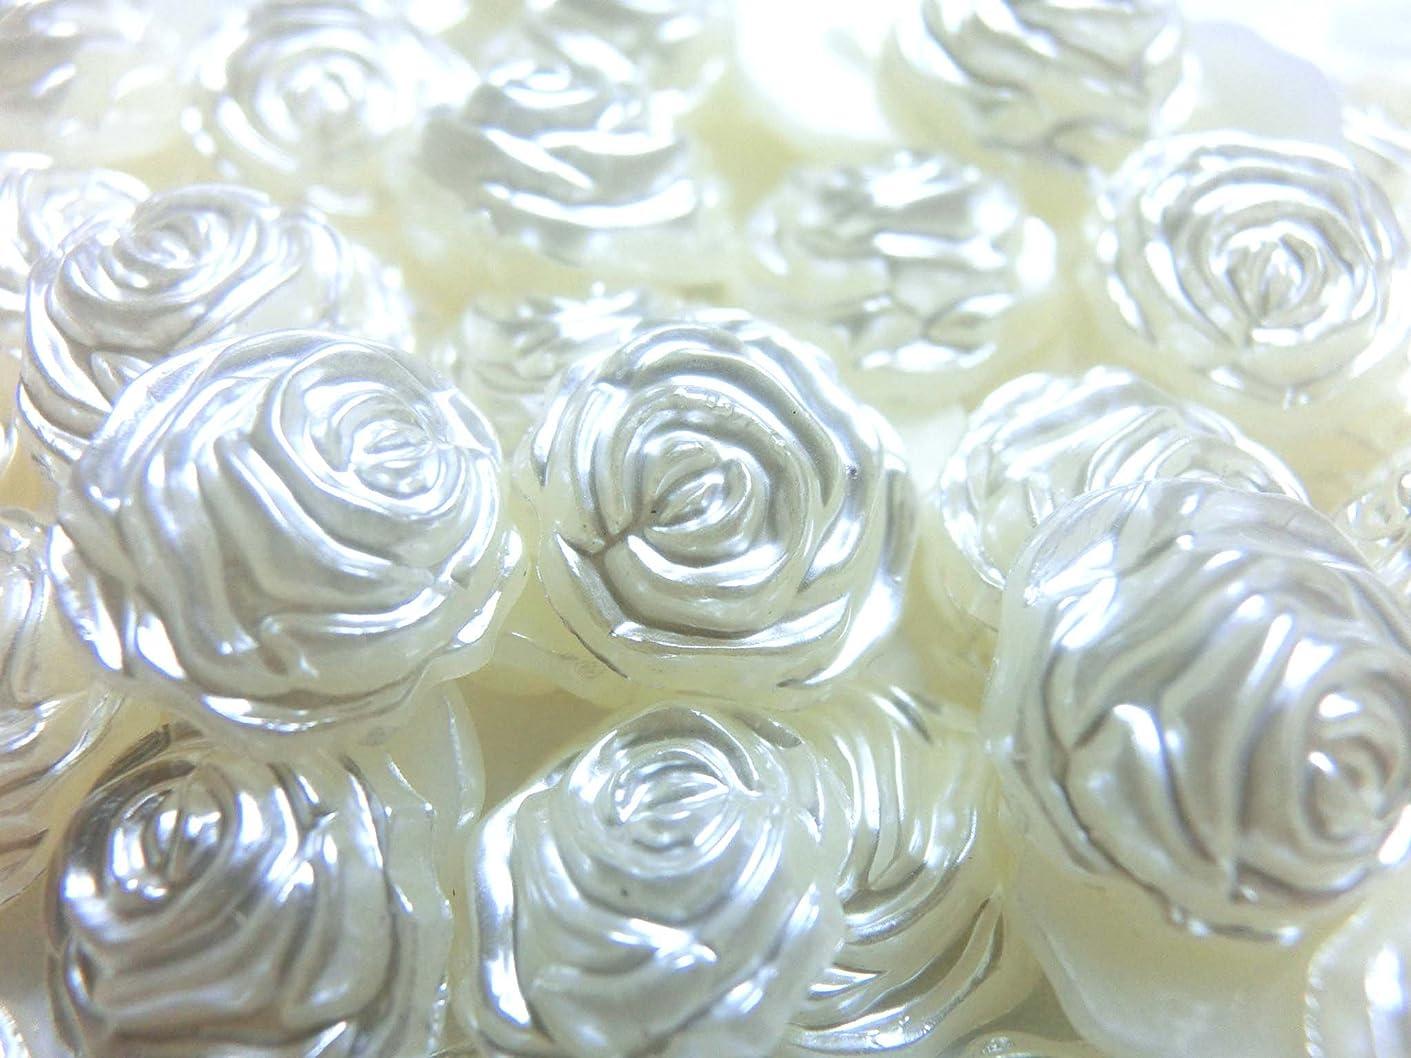 側面砂のためらう【ラインストーン77】超高級 パールストーン アイボリーホワイト (バラ 12mm 約5粒)